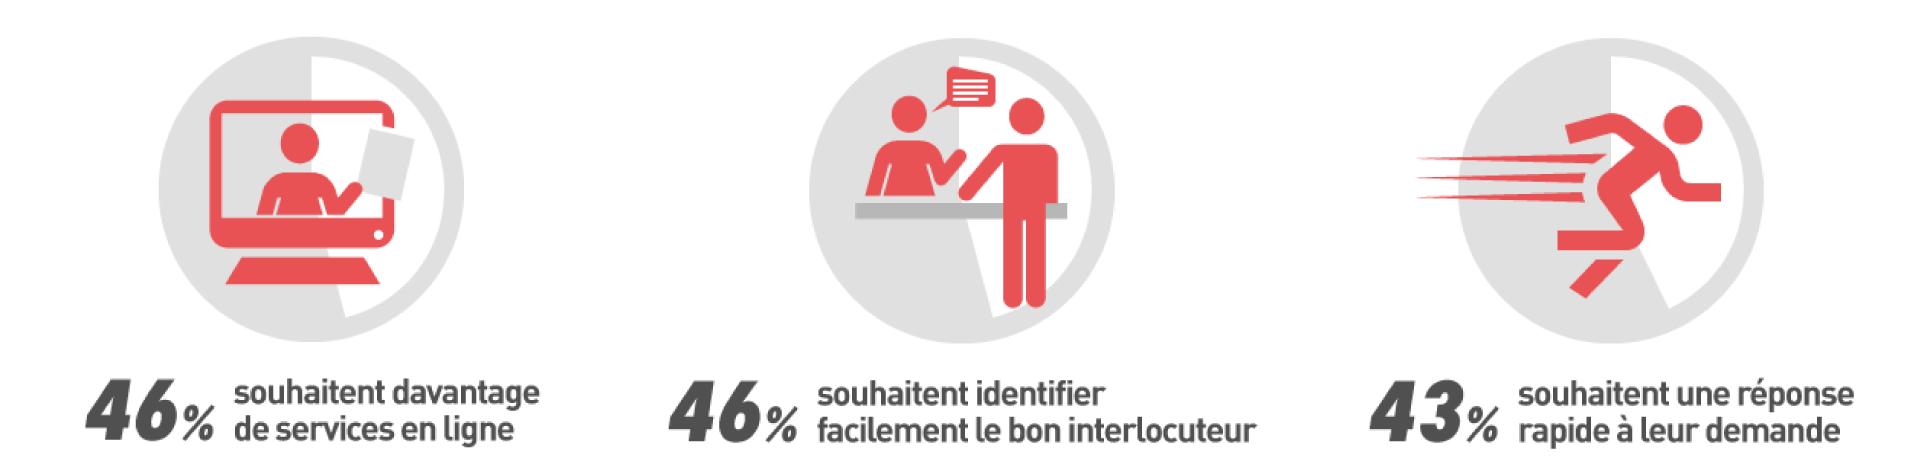 46% souhaitent davantage de service en ligne ⎮ 46% souhaitent identifier facilement le bon interlocuteur ⎮ 43% souhaitent une réponse rapide à leur demande